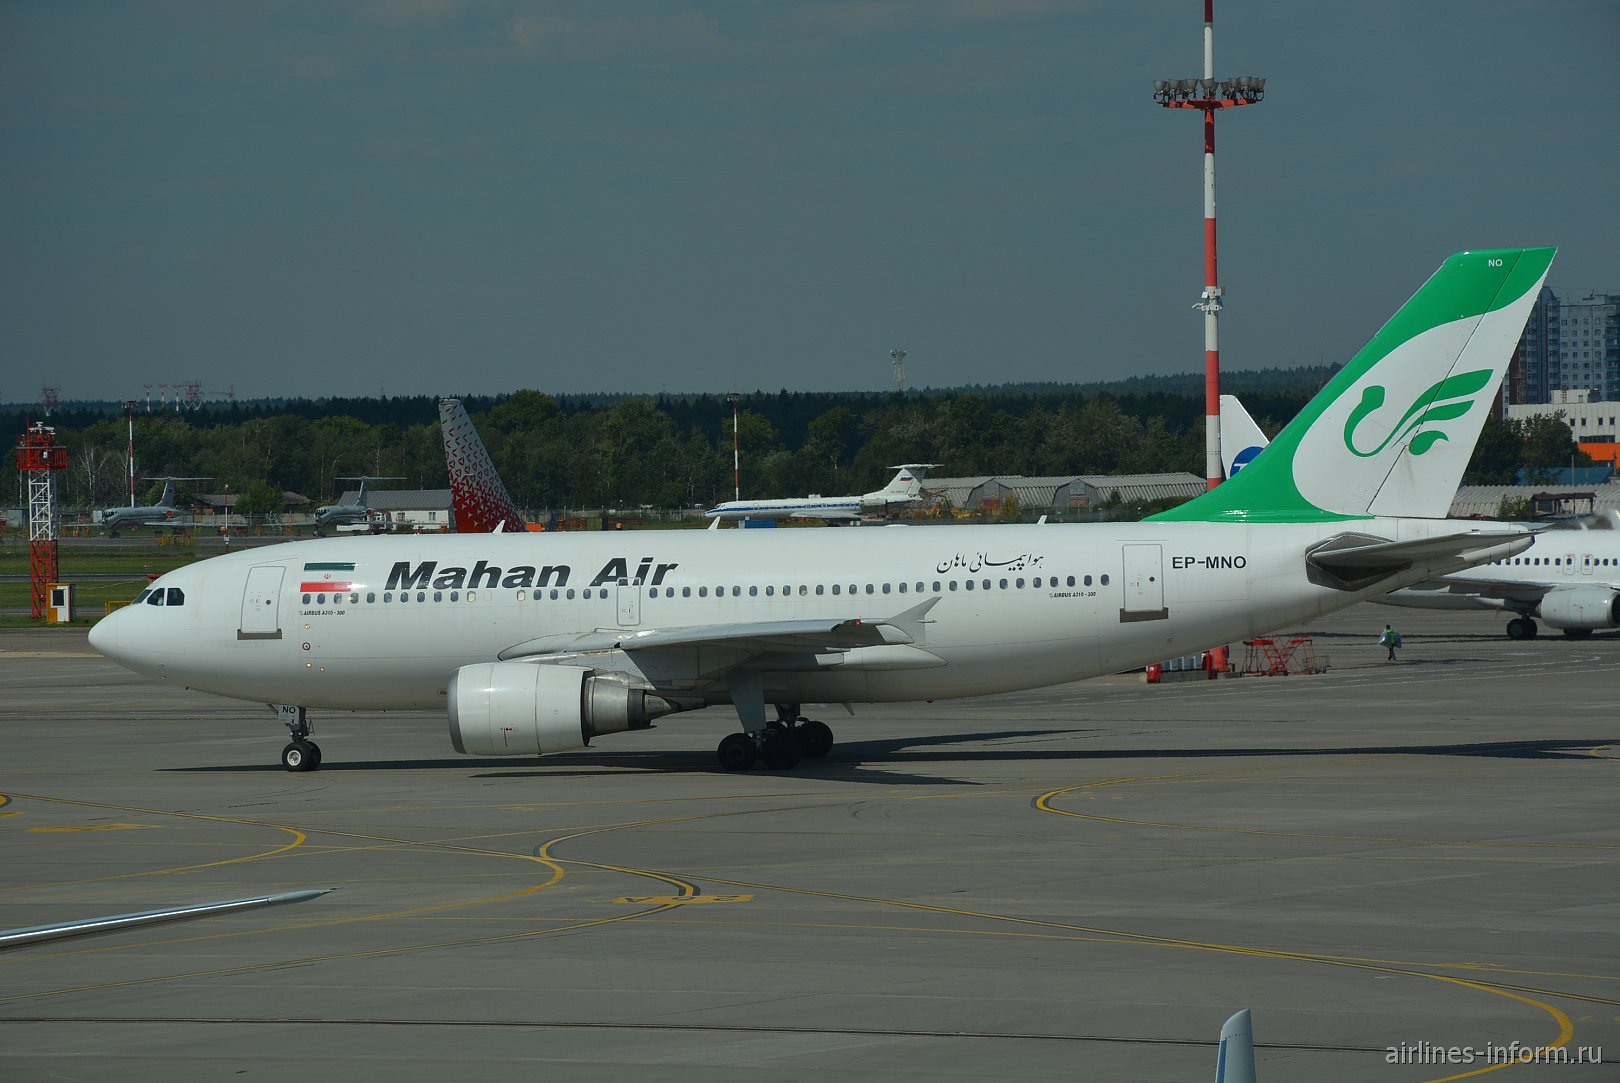 Самолет Airbus A310 авиакомпании Mahan Air в аэропорту Внуково